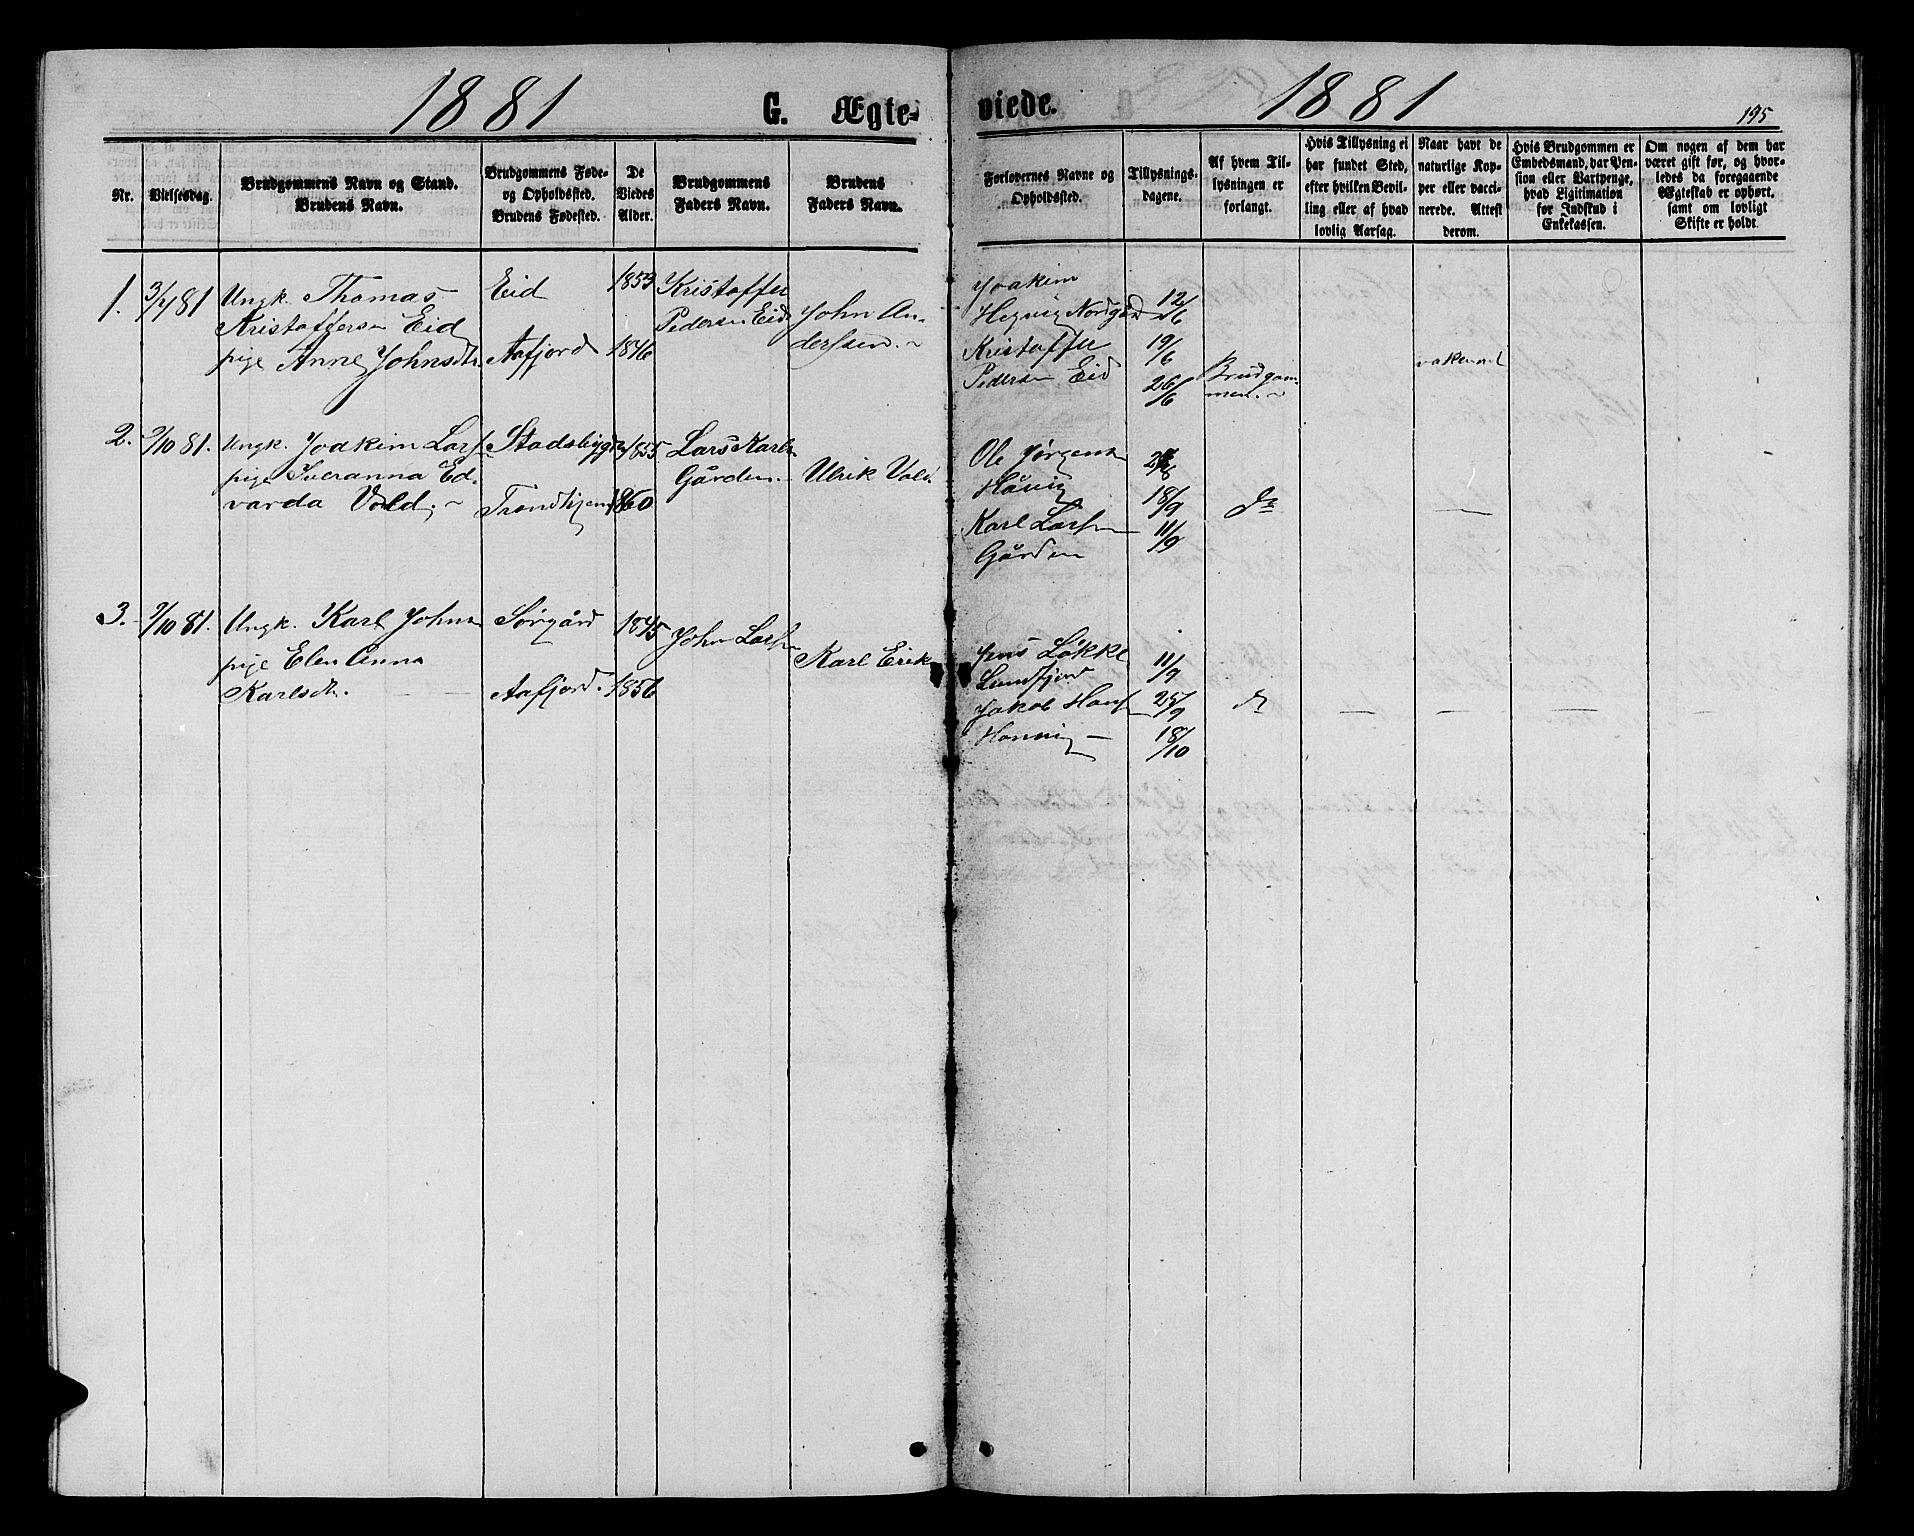 SAT, Ministerialprotokoller, klokkerbøker og fødselsregistre - Sør-Trøndelag, 656/L0695: Klokkerbok nr. 656C01, 1867-1889, s. 195